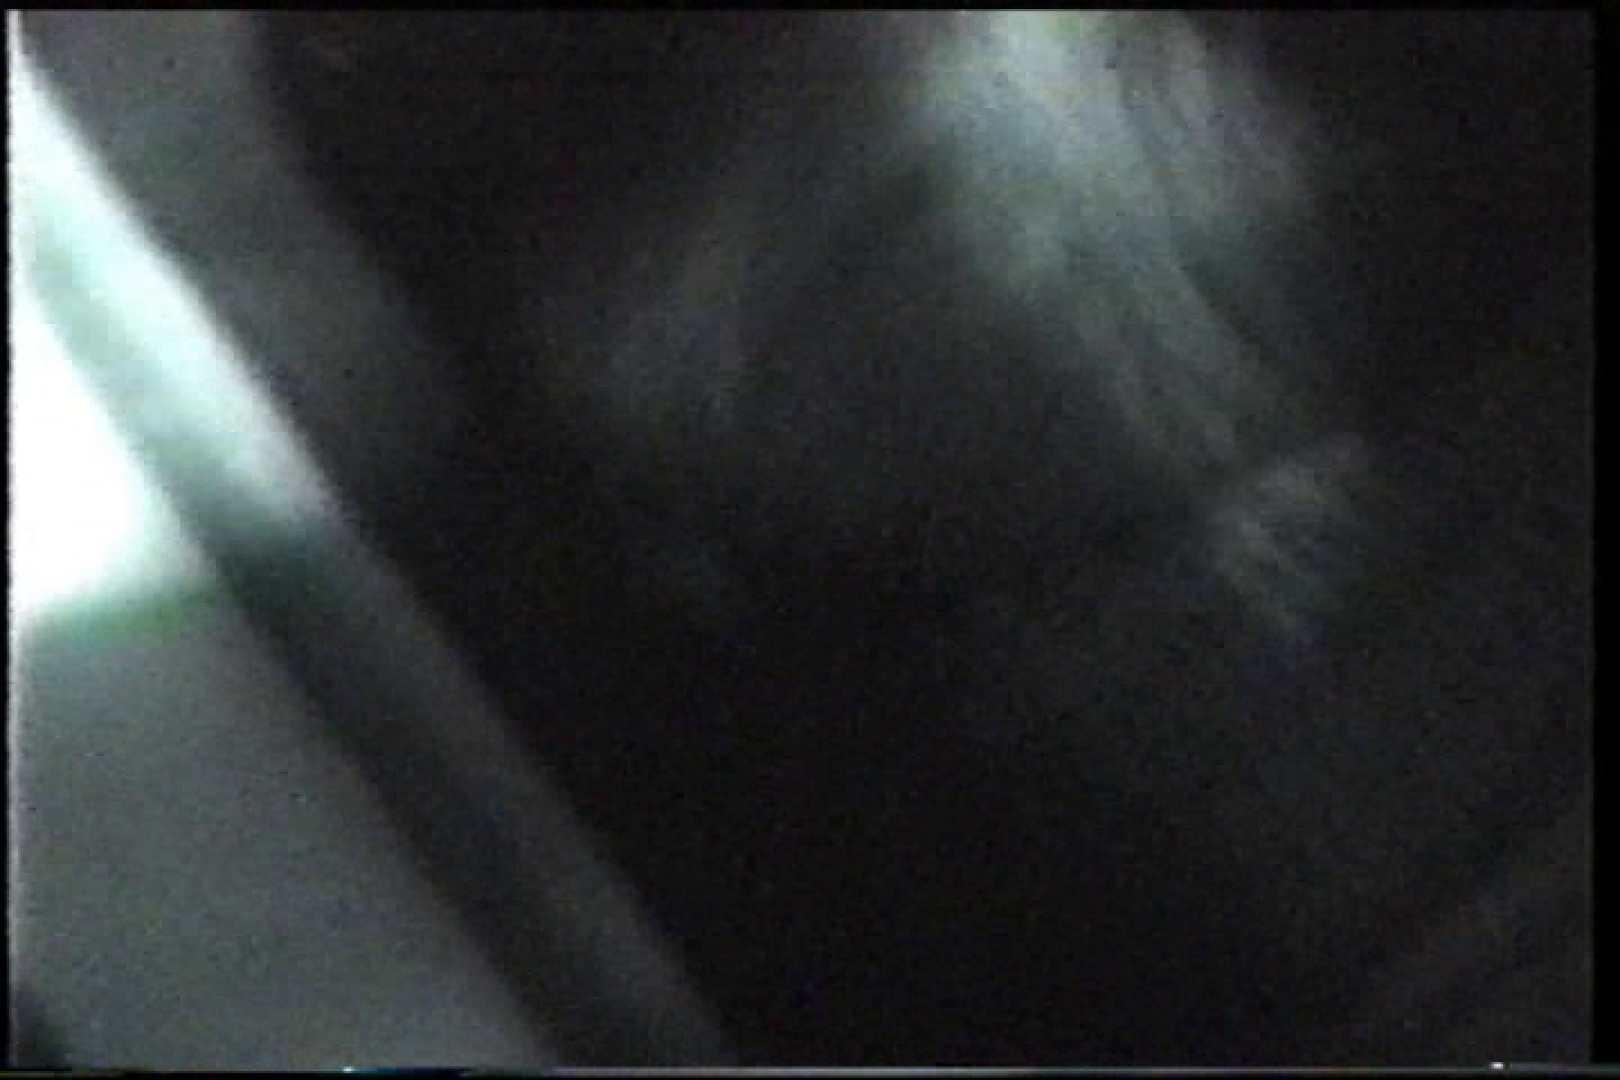 充血監督の深夜の運動会Vol.214 後編. カップル えろ無修正画像 96pic 58